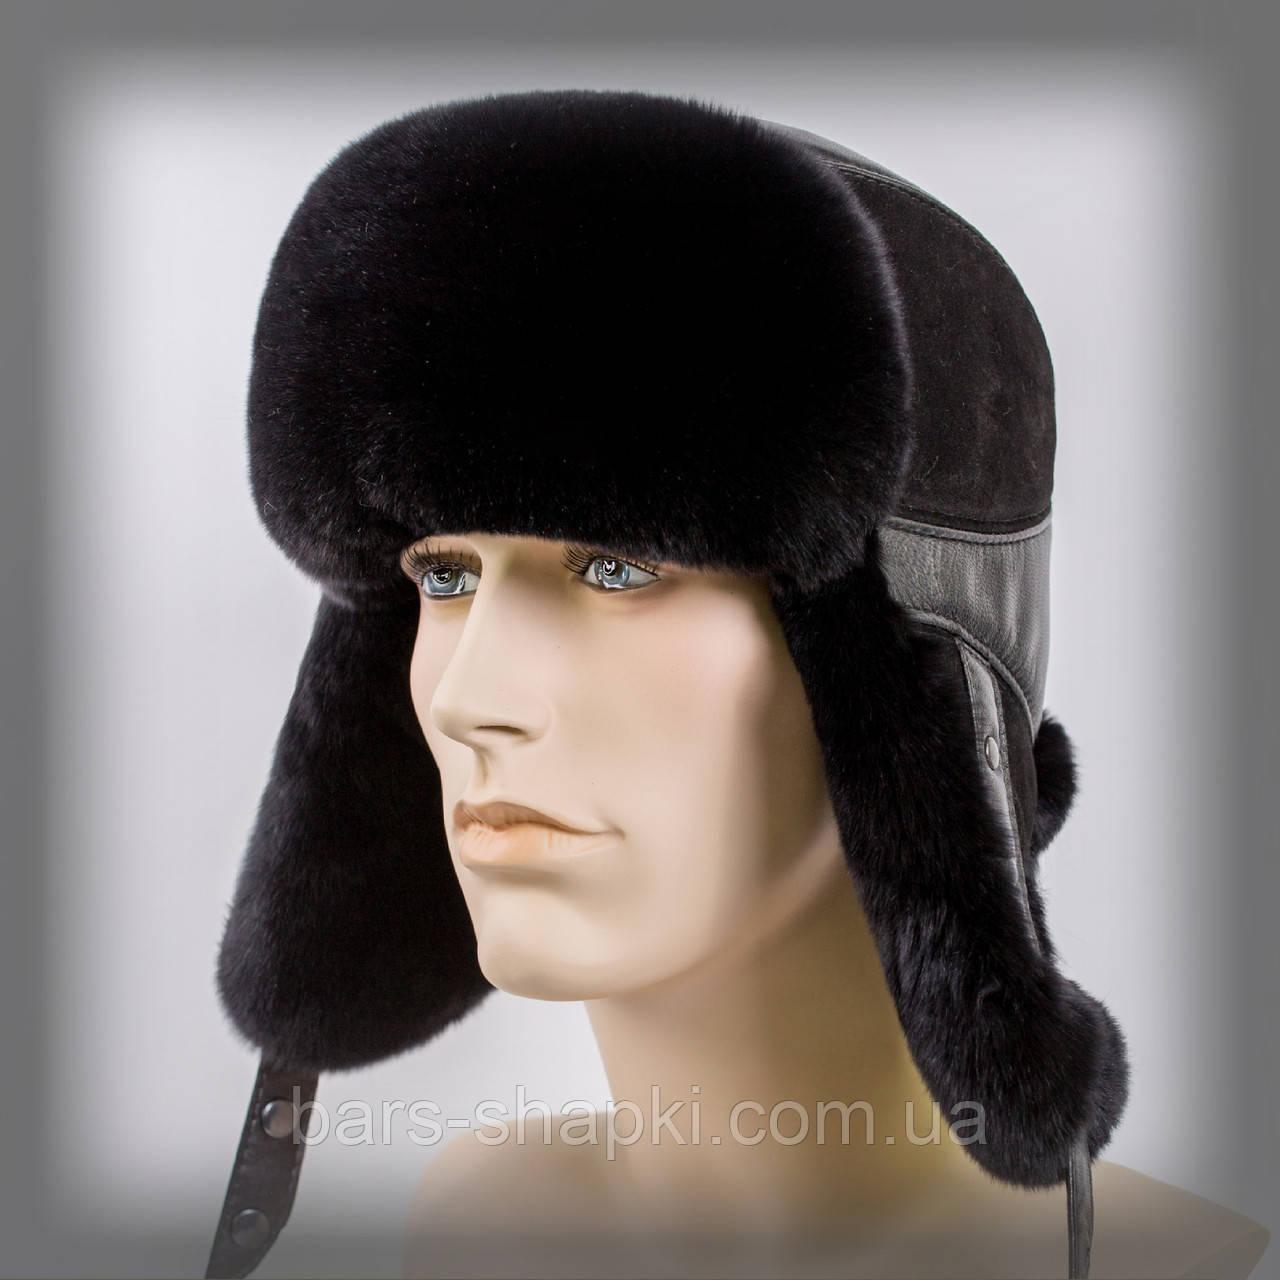 Мужская шапка-ушанка из Rex Rabbit (комбинированная замша+кожа)оптом